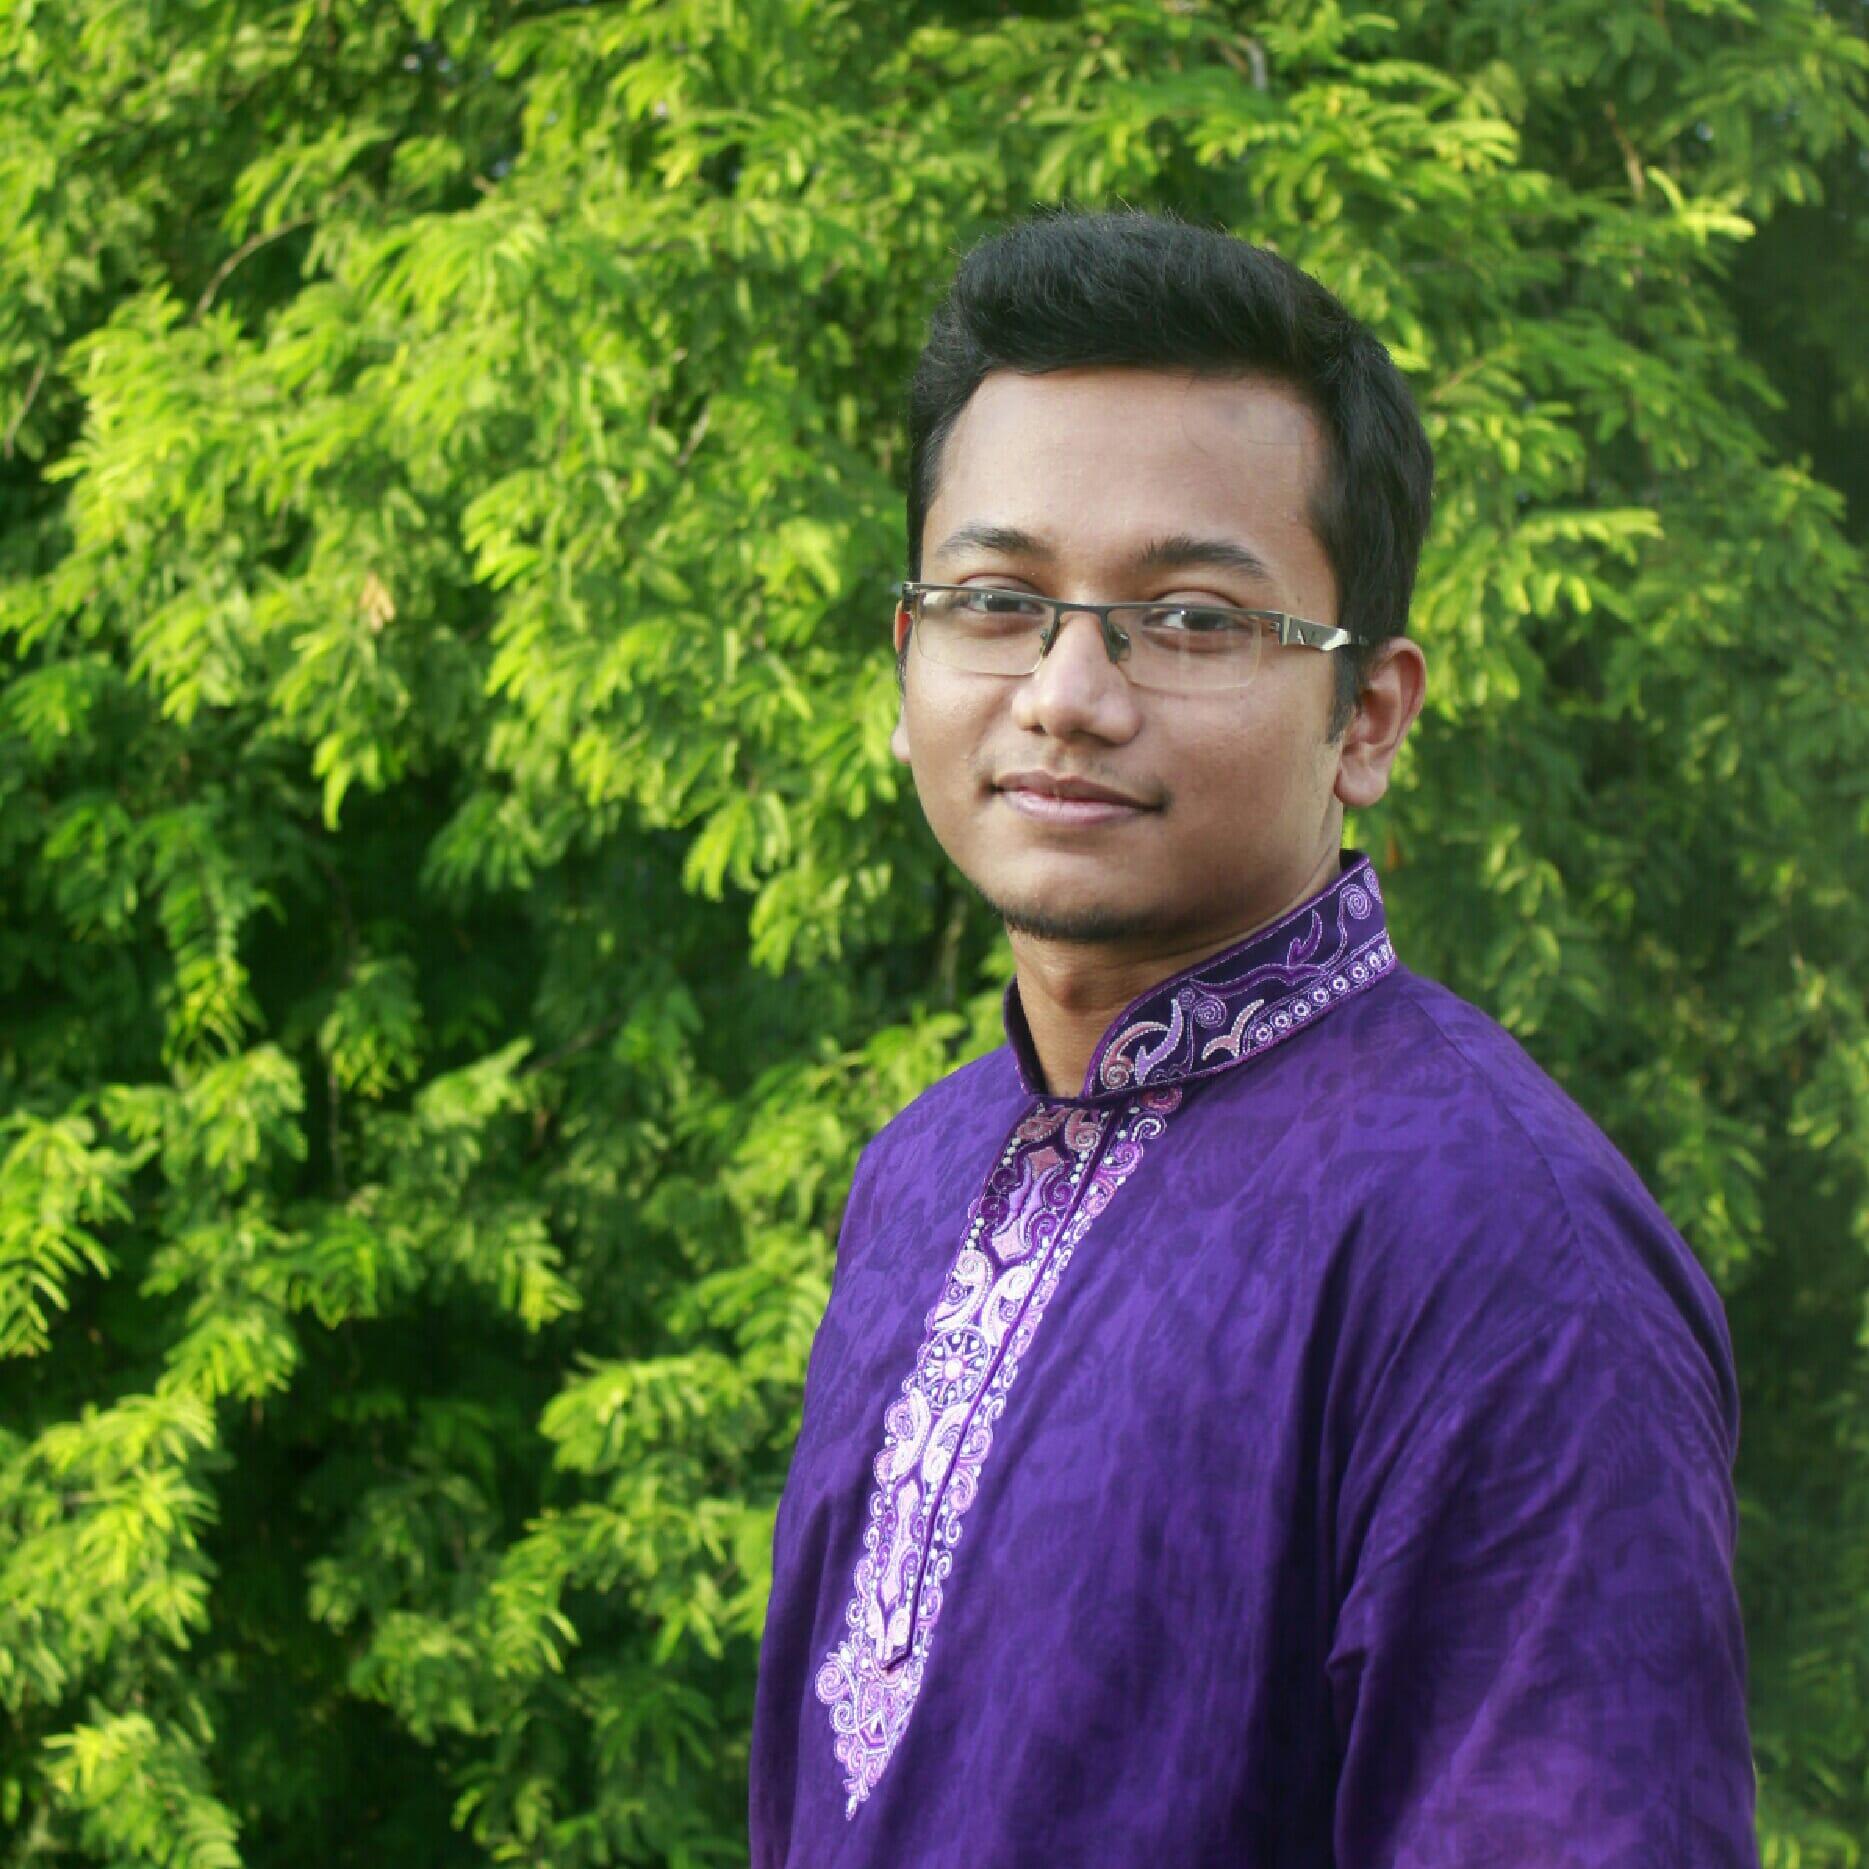 Aquibuzzaman Md. Sayem